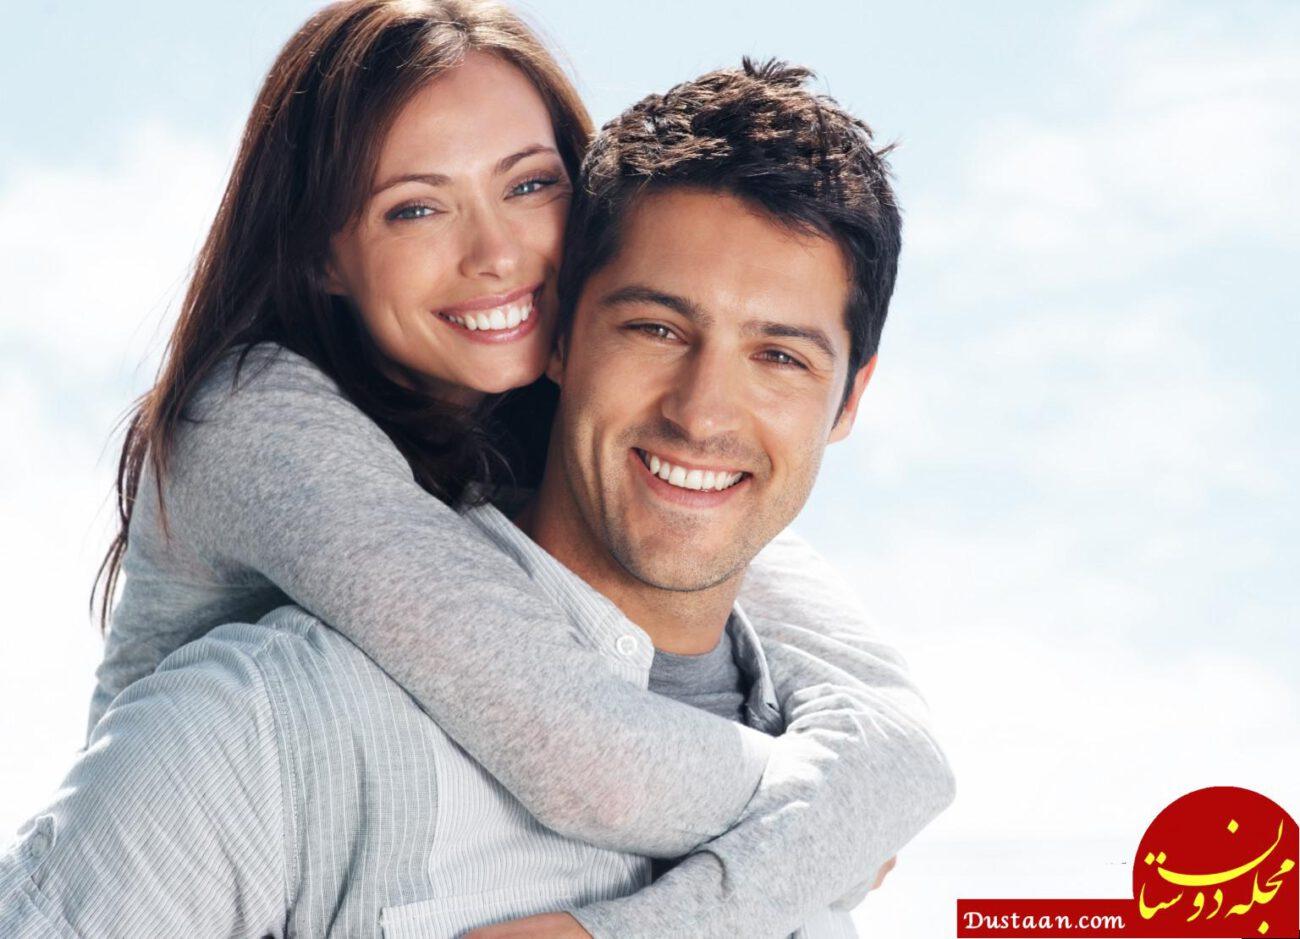 www.dustaan.com اگر همسرتان این نشانه ها را دارد بدانید، به زندگی وفادار است!